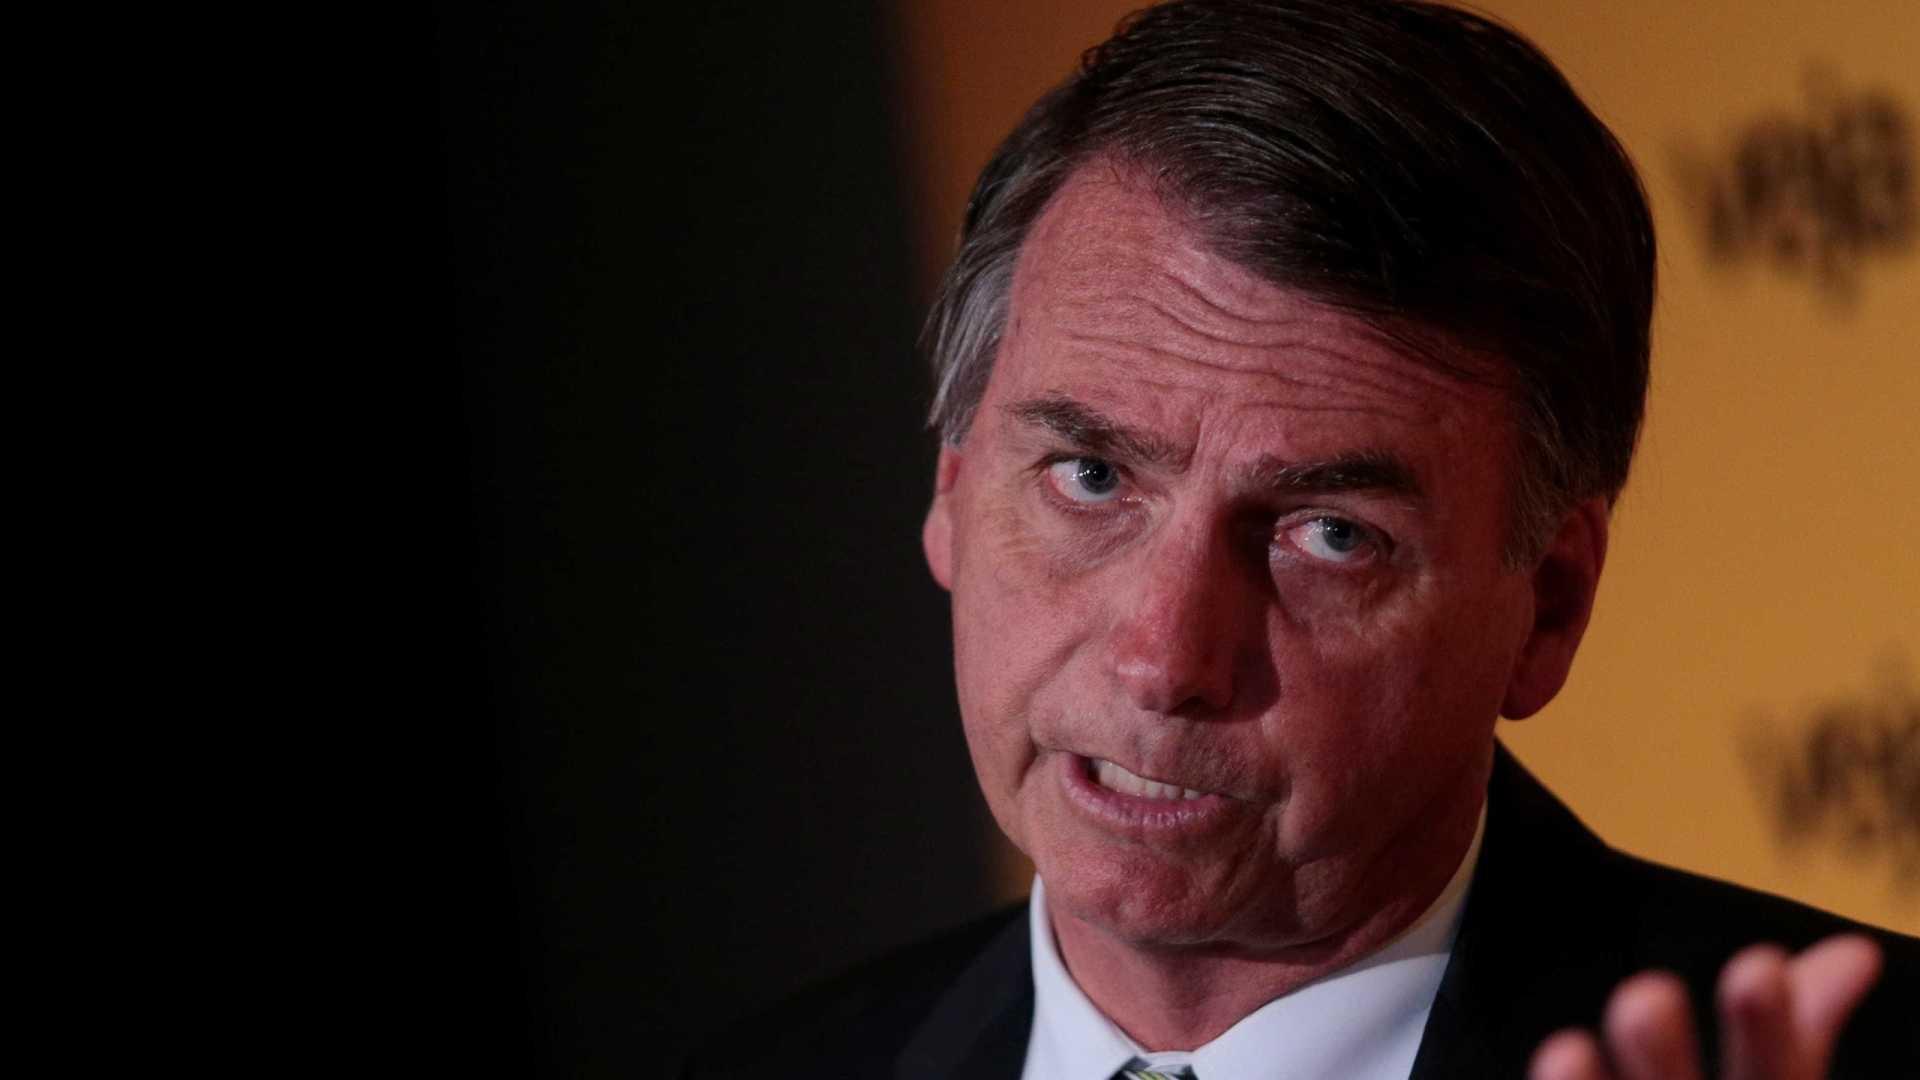 naom 5a33f701edc81 - Bolsonaro diz que só abandona candidatura se for morto